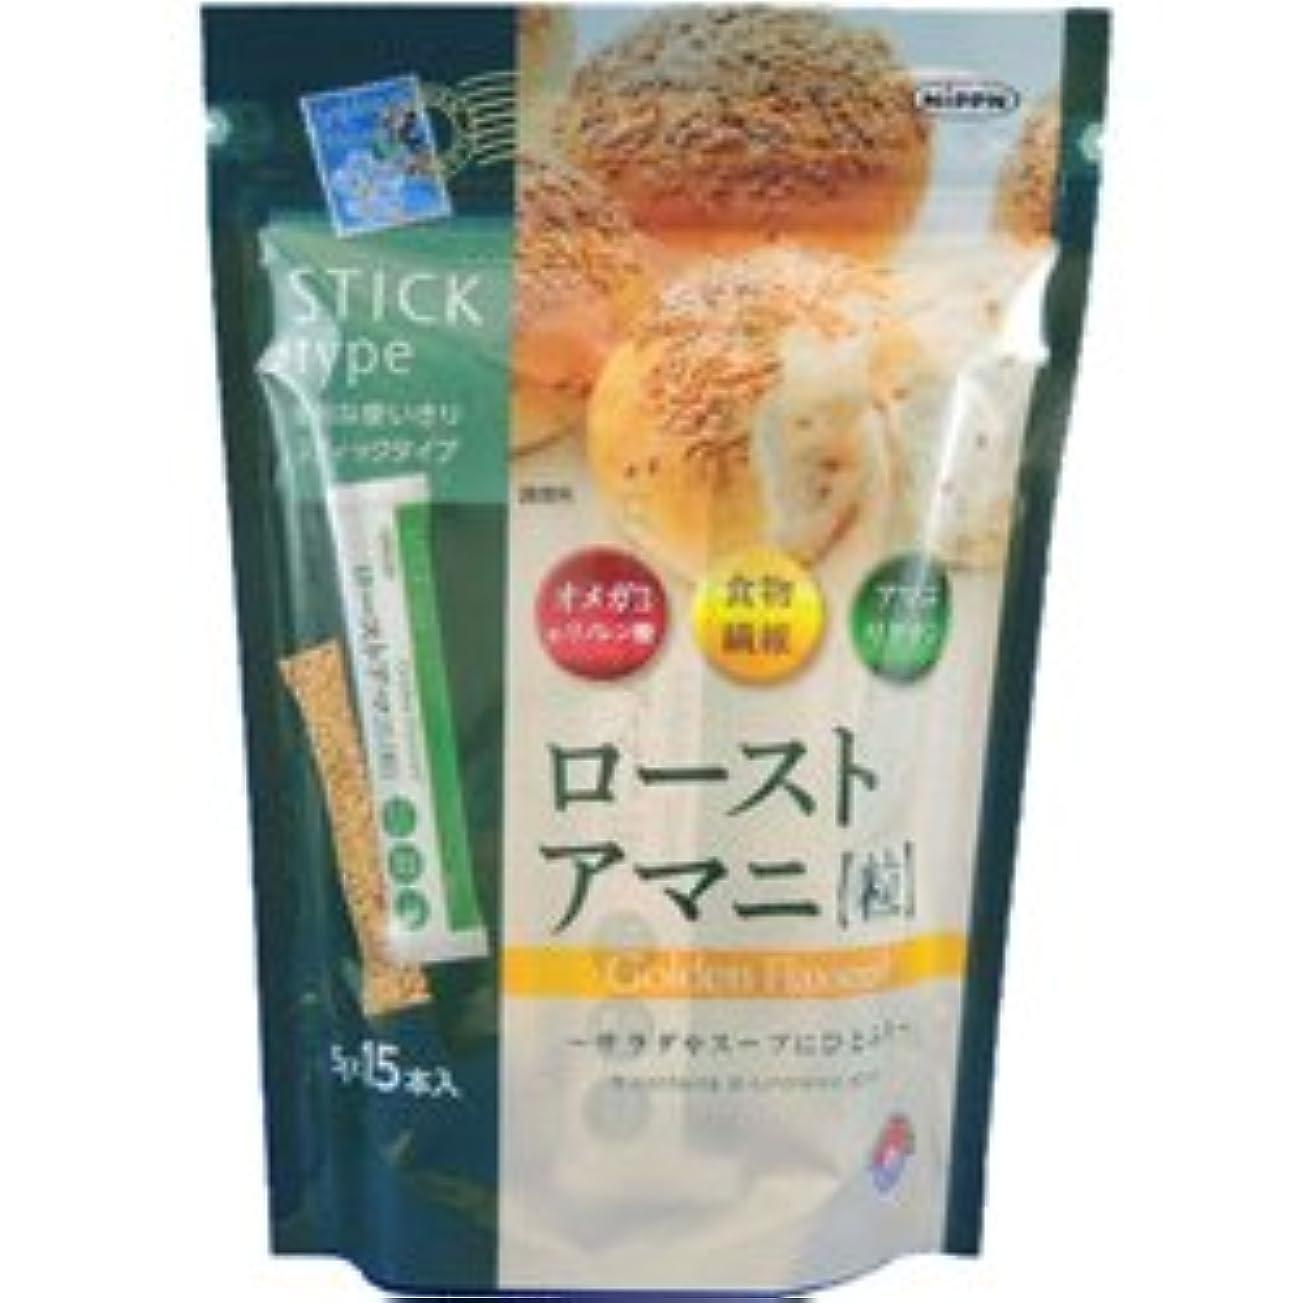 重要性側台無しに【日本製粉】ローストアマニ粒 75g ×5個セット